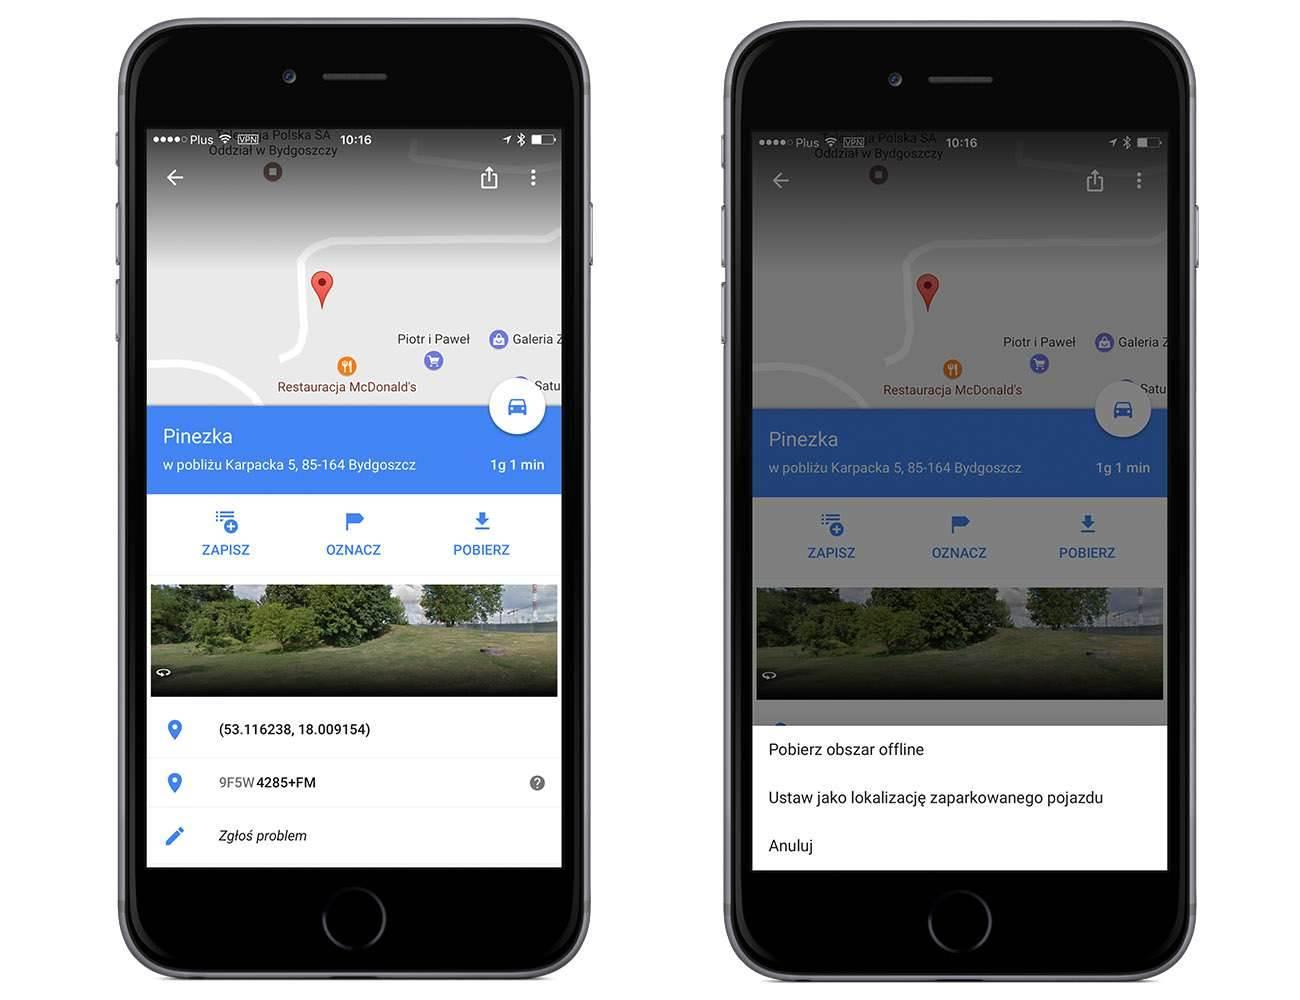 Jak zaznaczyć miejsce parkingowe naszego auta w Google Maps na iOS poradniki, polecane, ciekawostki samochód, pojazd, miejsce parkingowe, Mapy, jak zaznaczyć miejsce parkingowe w google maps, iPhone, iPad, google maps na ios, Google Maps  Może nie wszyscy z Was wiedzą, ale od jakiegoś już czasu w Google Maps dostępna jest funkcja pozawaląca na zaznaczenie miejsca parkingowego naszego zaparkowanego auta. 1 4